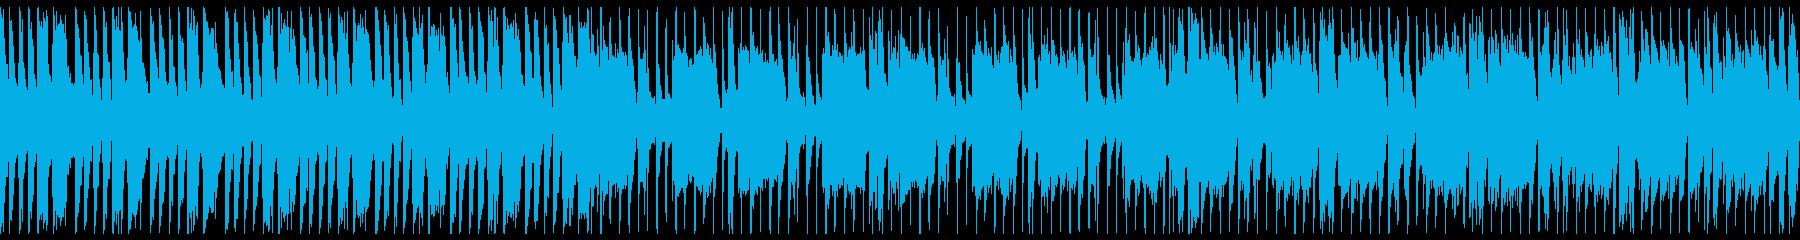 豪華で熱狂的 ビッグバンドRnR(ループの再生済みの波形